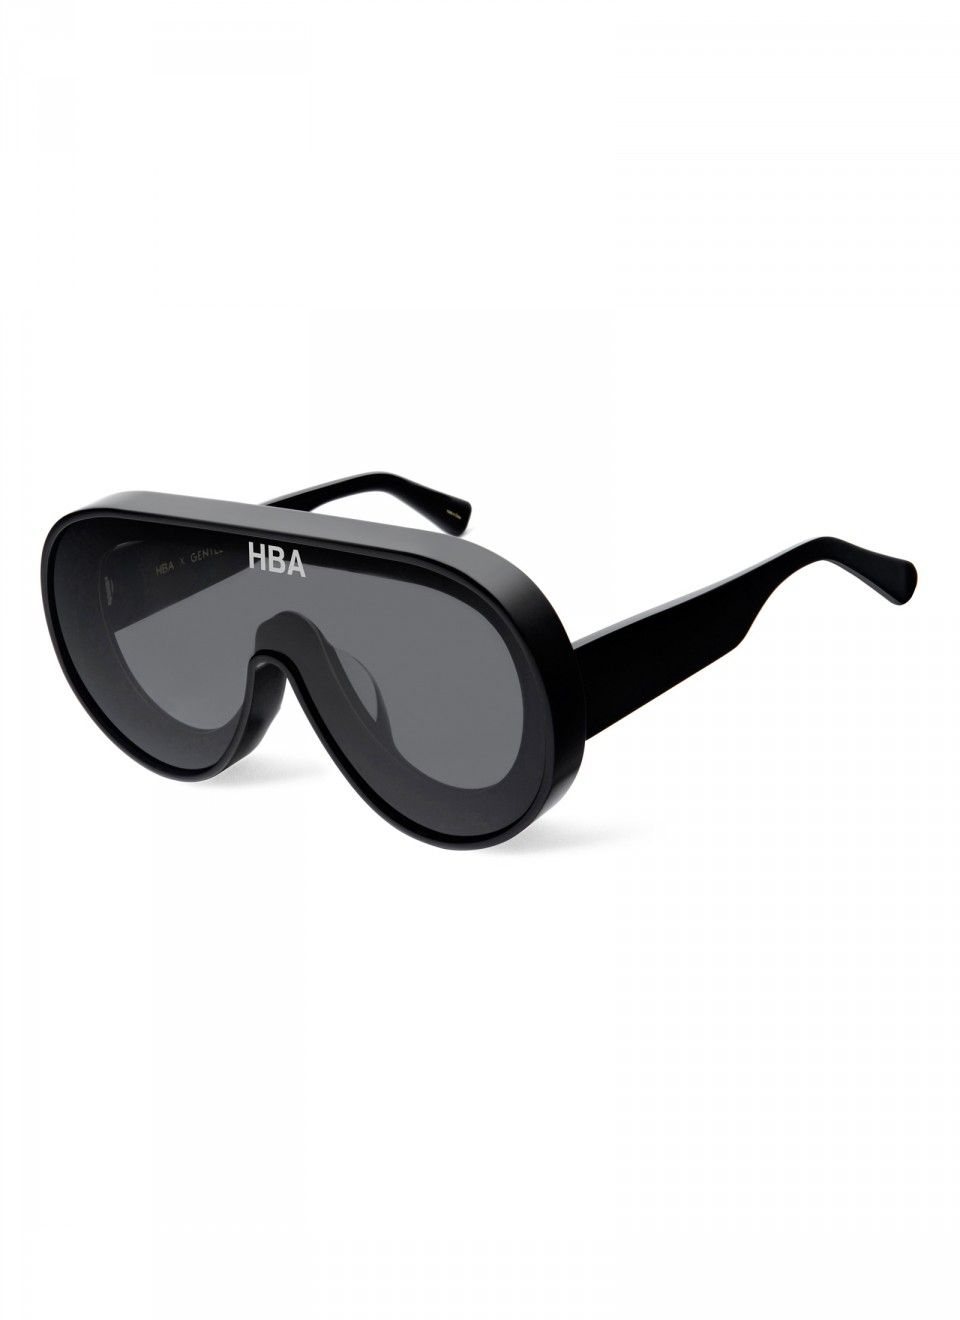 e026bf06a636 HBA x GENTLE MONSTER HIRAKISH Cool Sunglasses